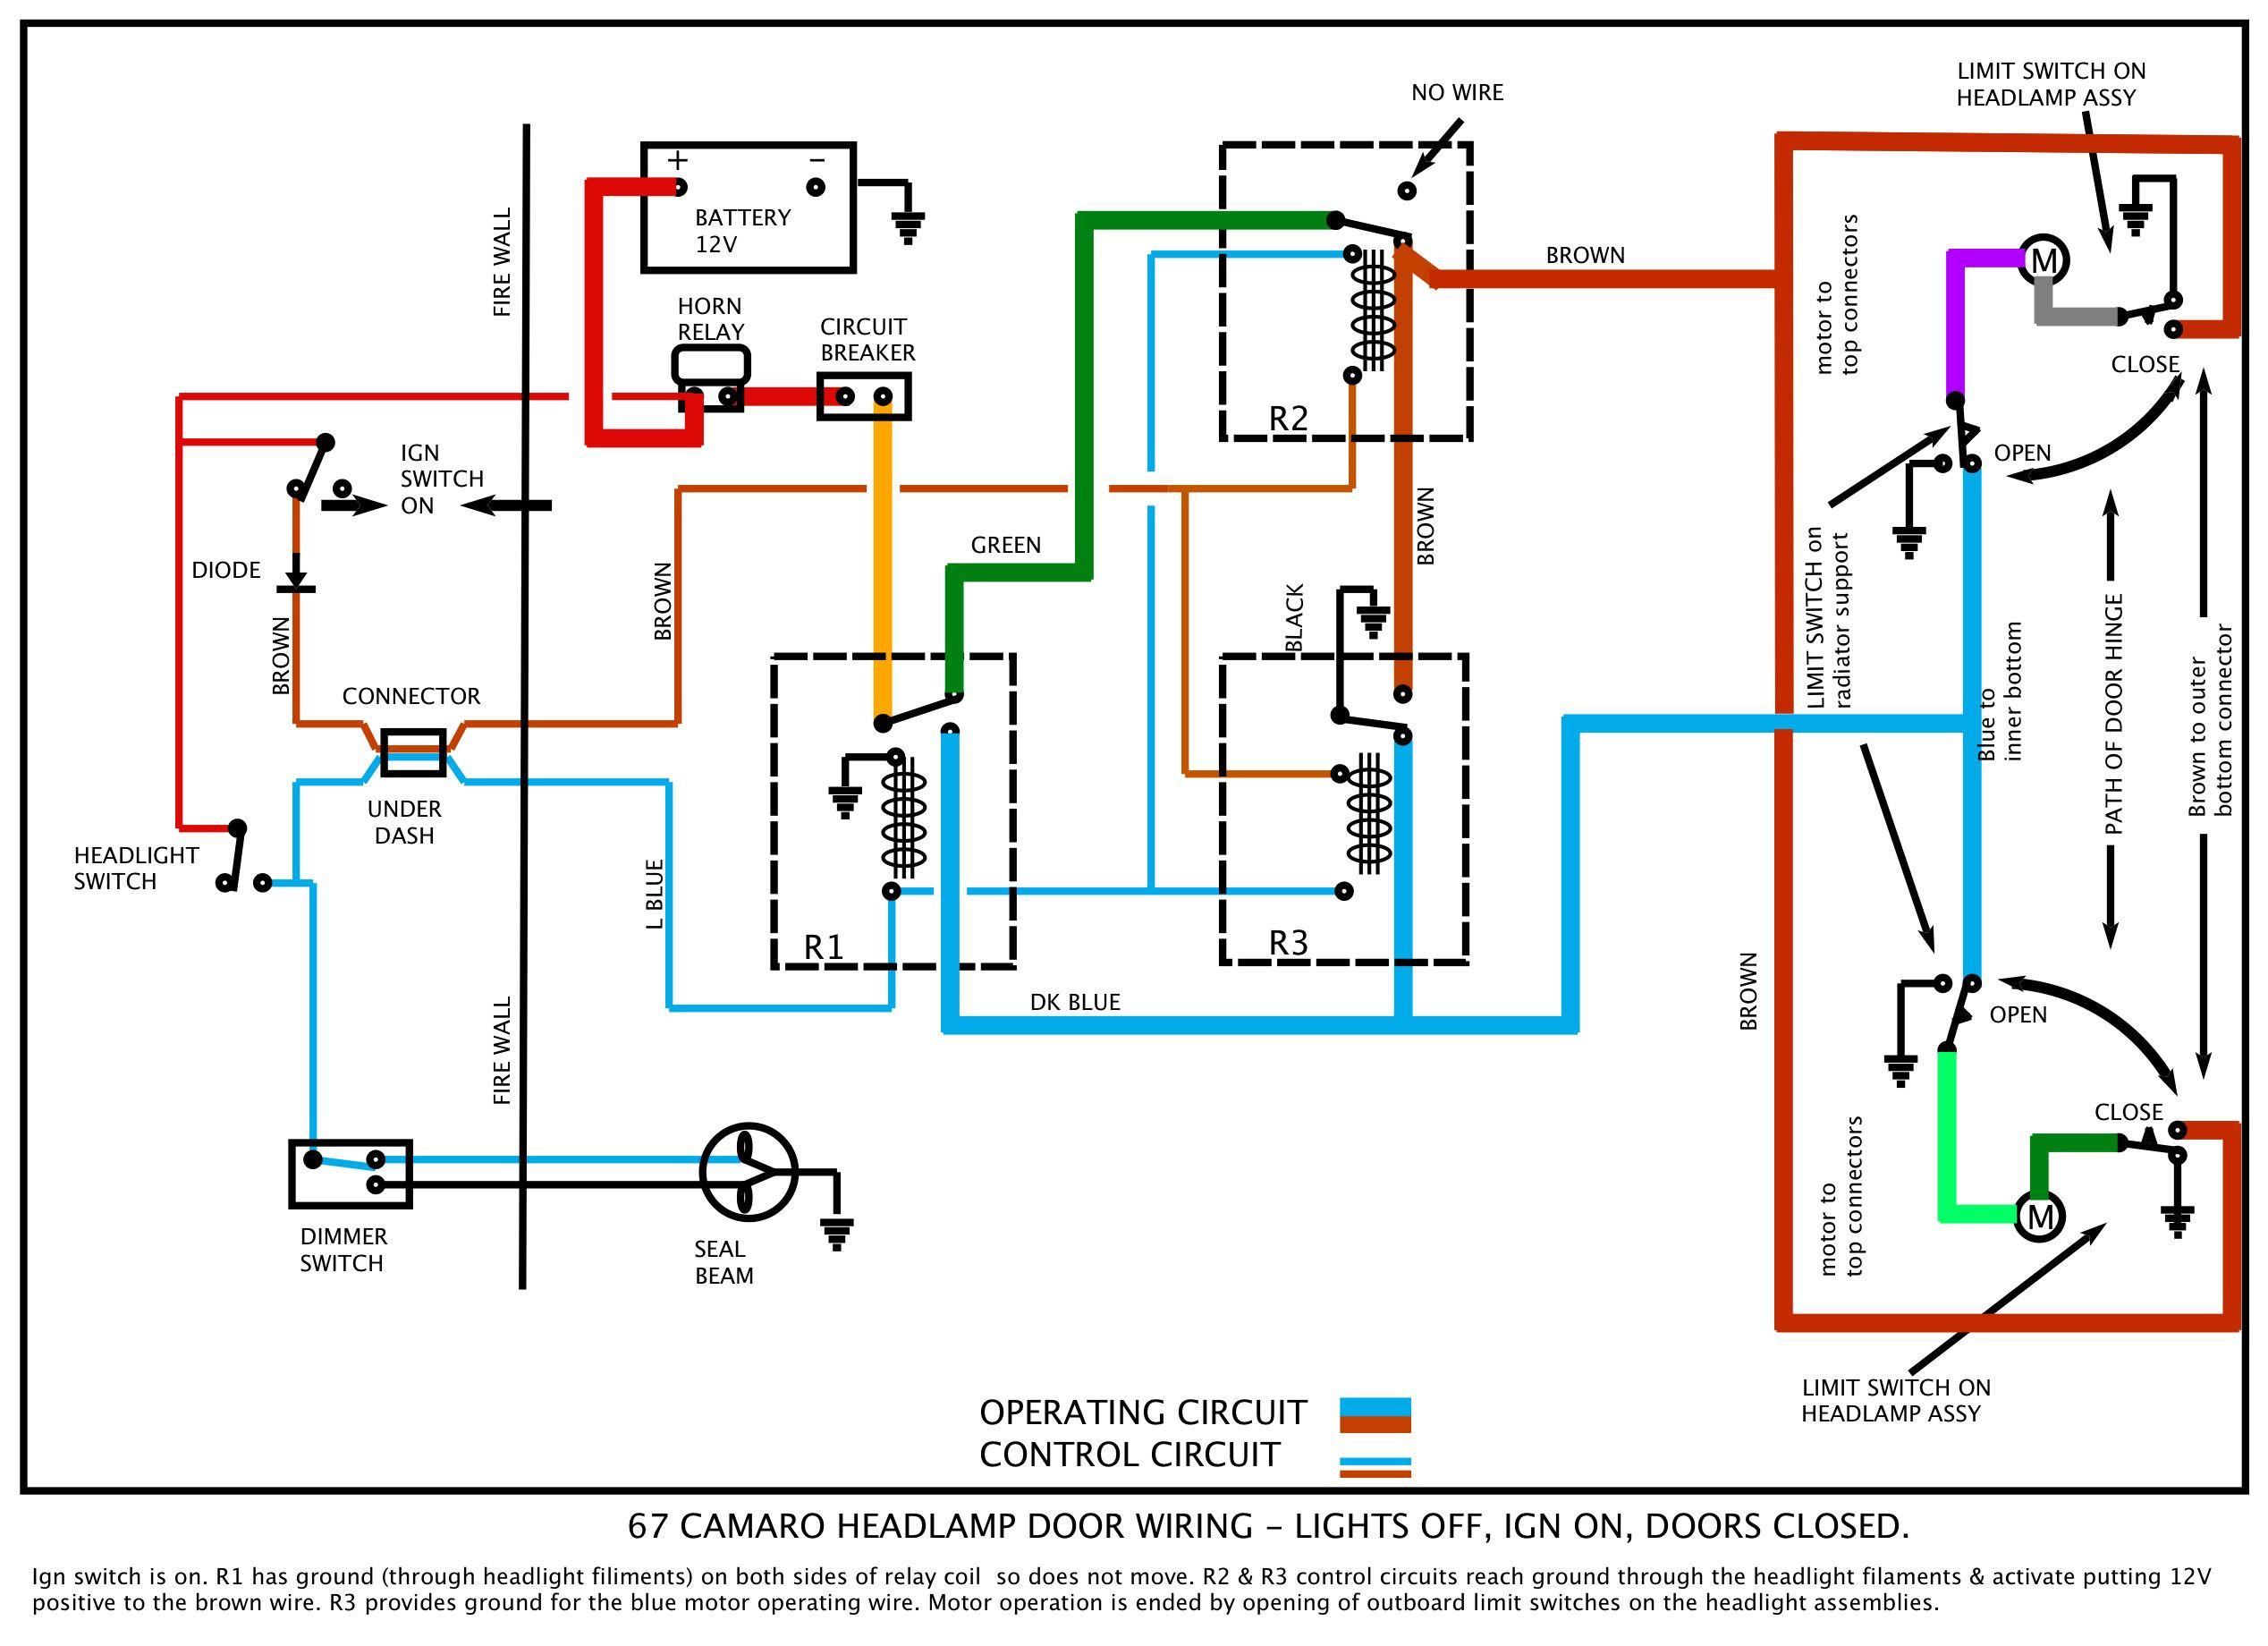 1967 camaro starter wiring diagram yk 8229  painless wiring harness for 1969 camaro free download  painless wiring harness for 1969 camaro